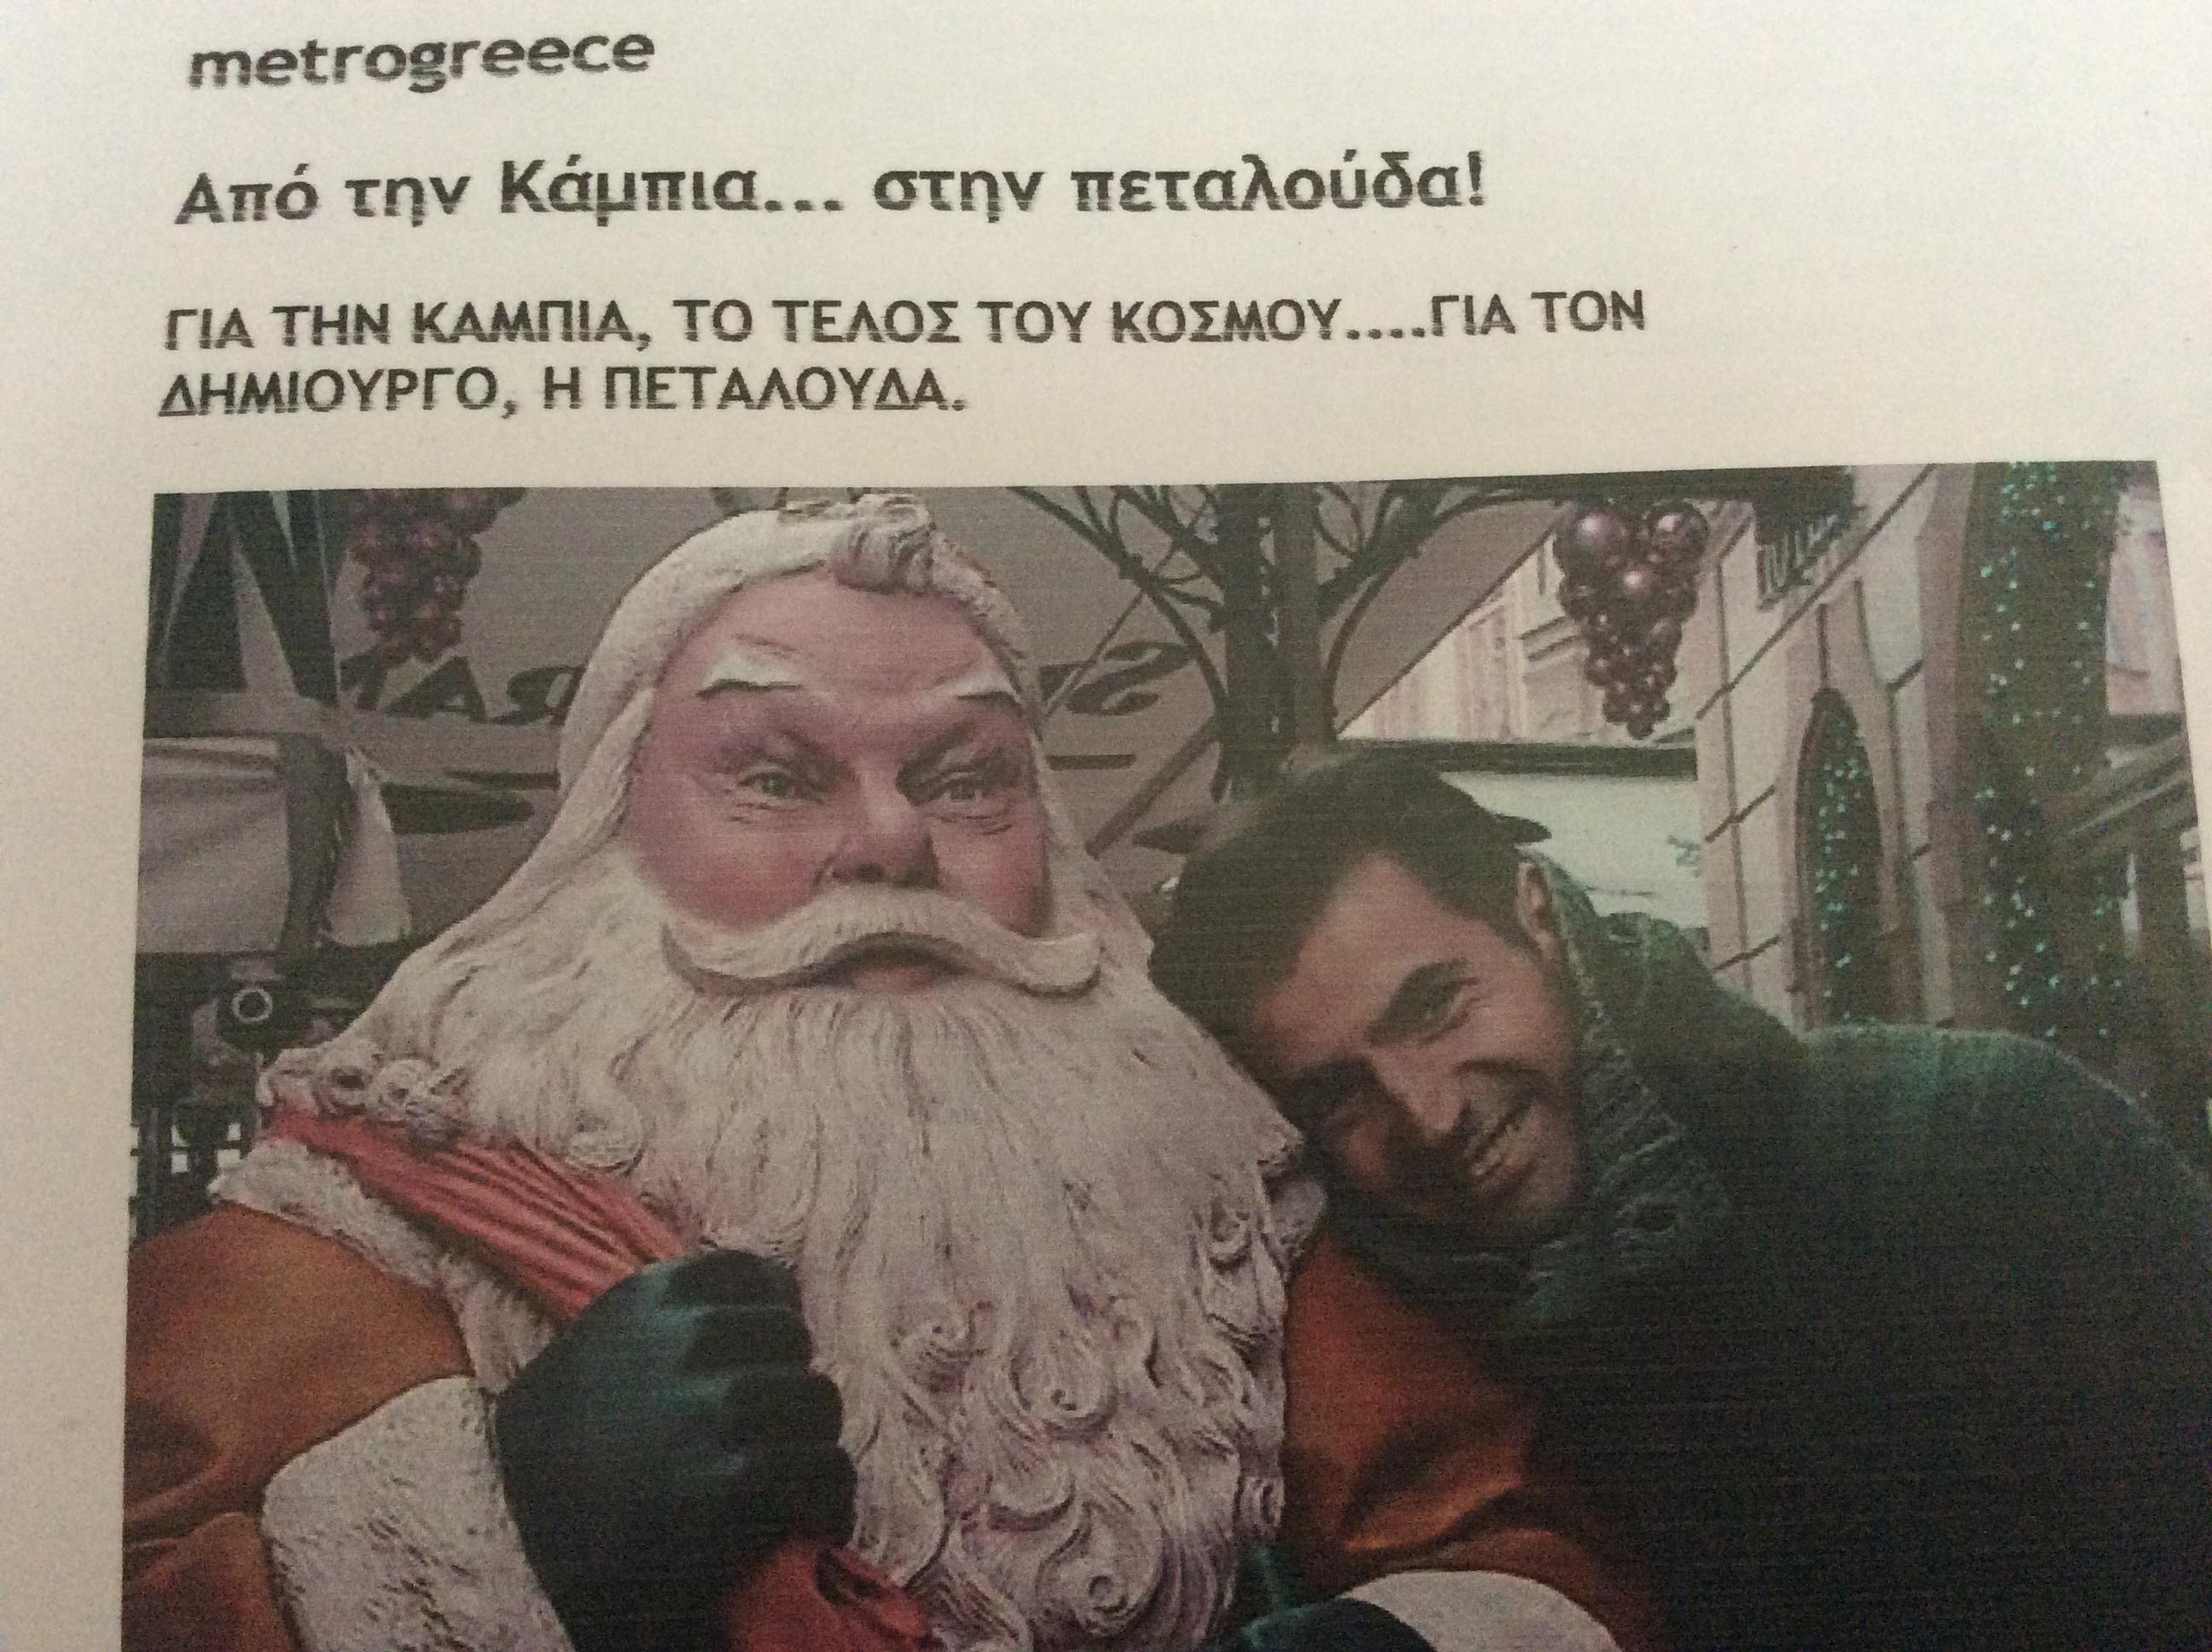 ΝΙΚΟΣ ΜΙΧΑΛΟΠΟΥΛΟΣ